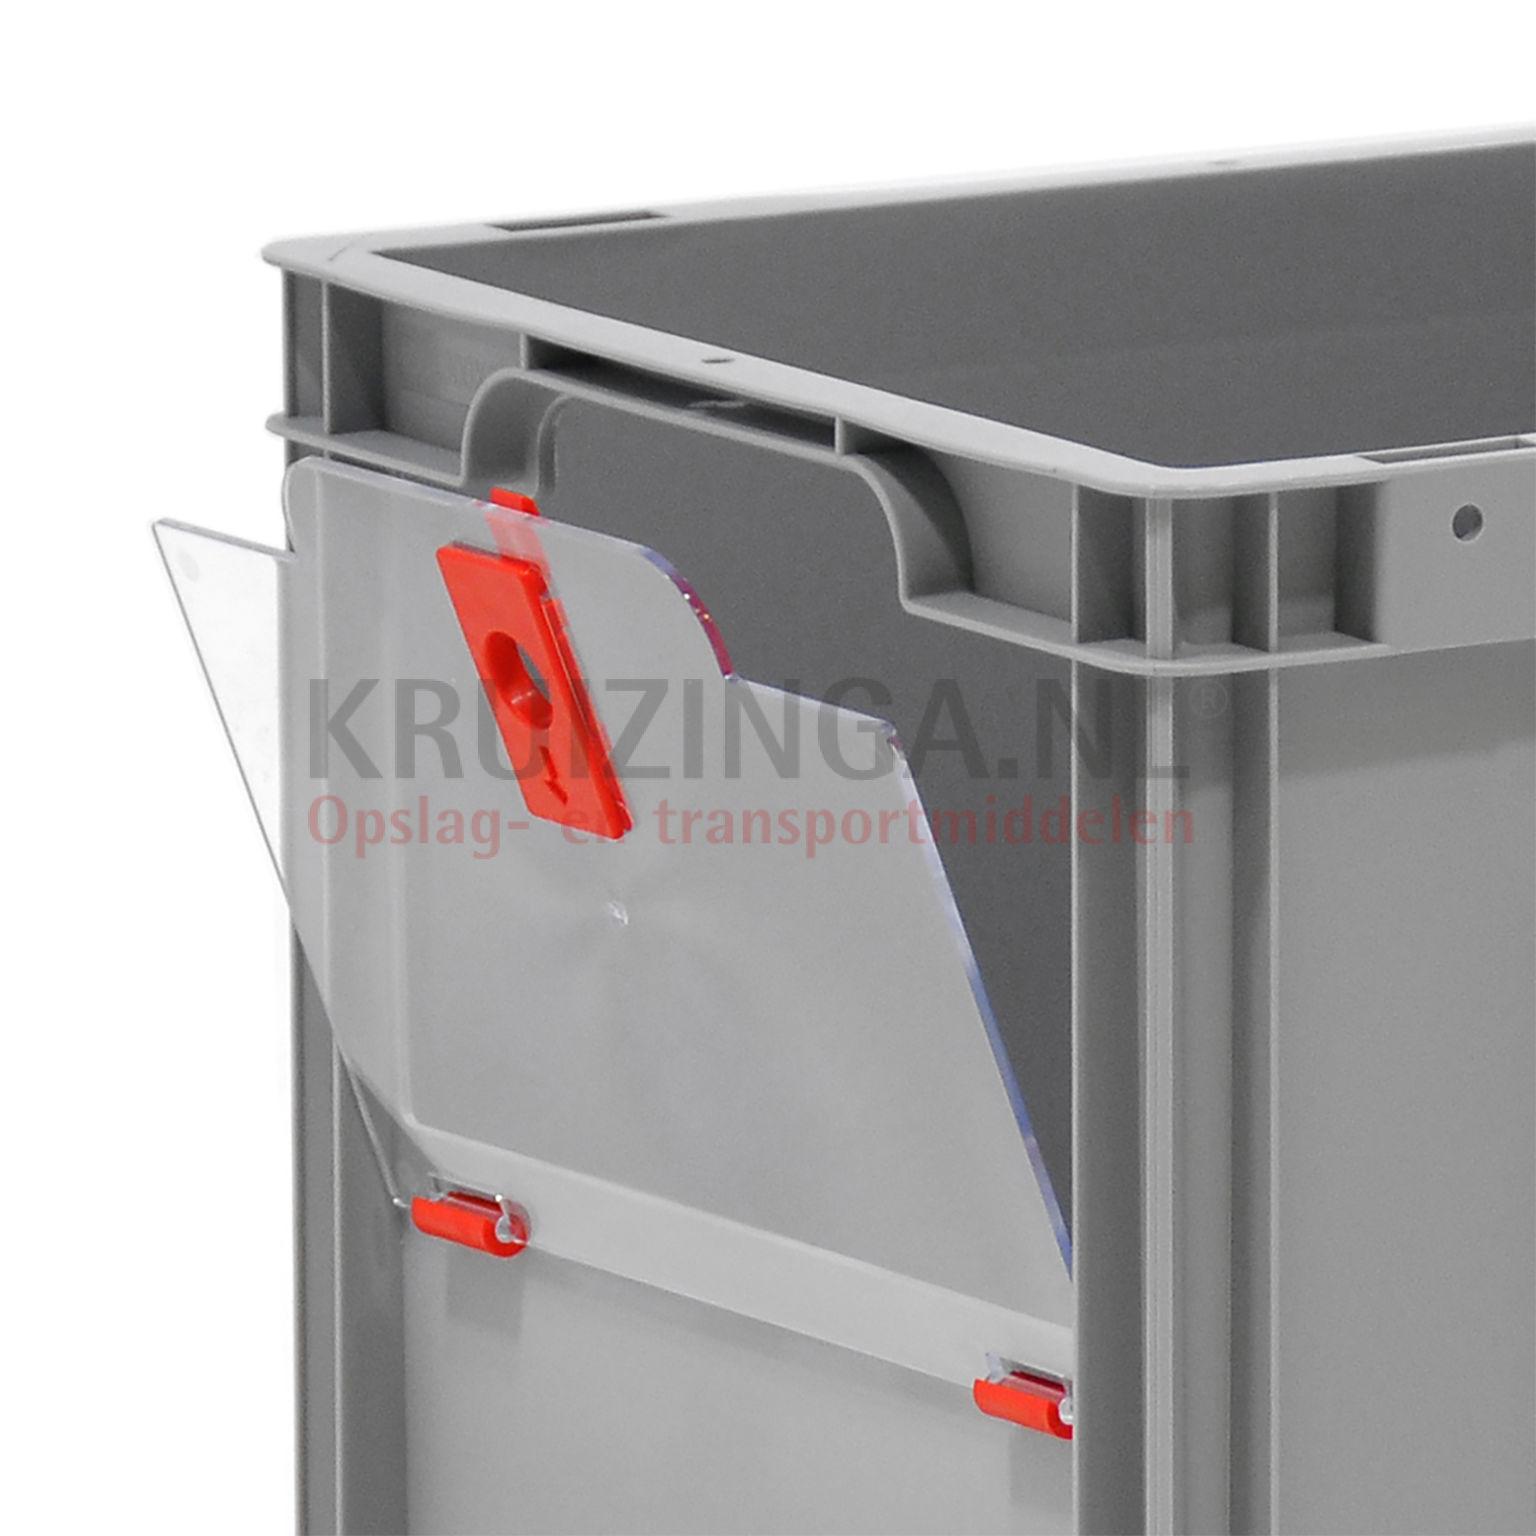 stapelboxen kunststoff zubeh r schwenkbare klappe f r kurzen seite ab 6 70 frei haus. Black Bedroom Furniture Sets. Home Design Ideas